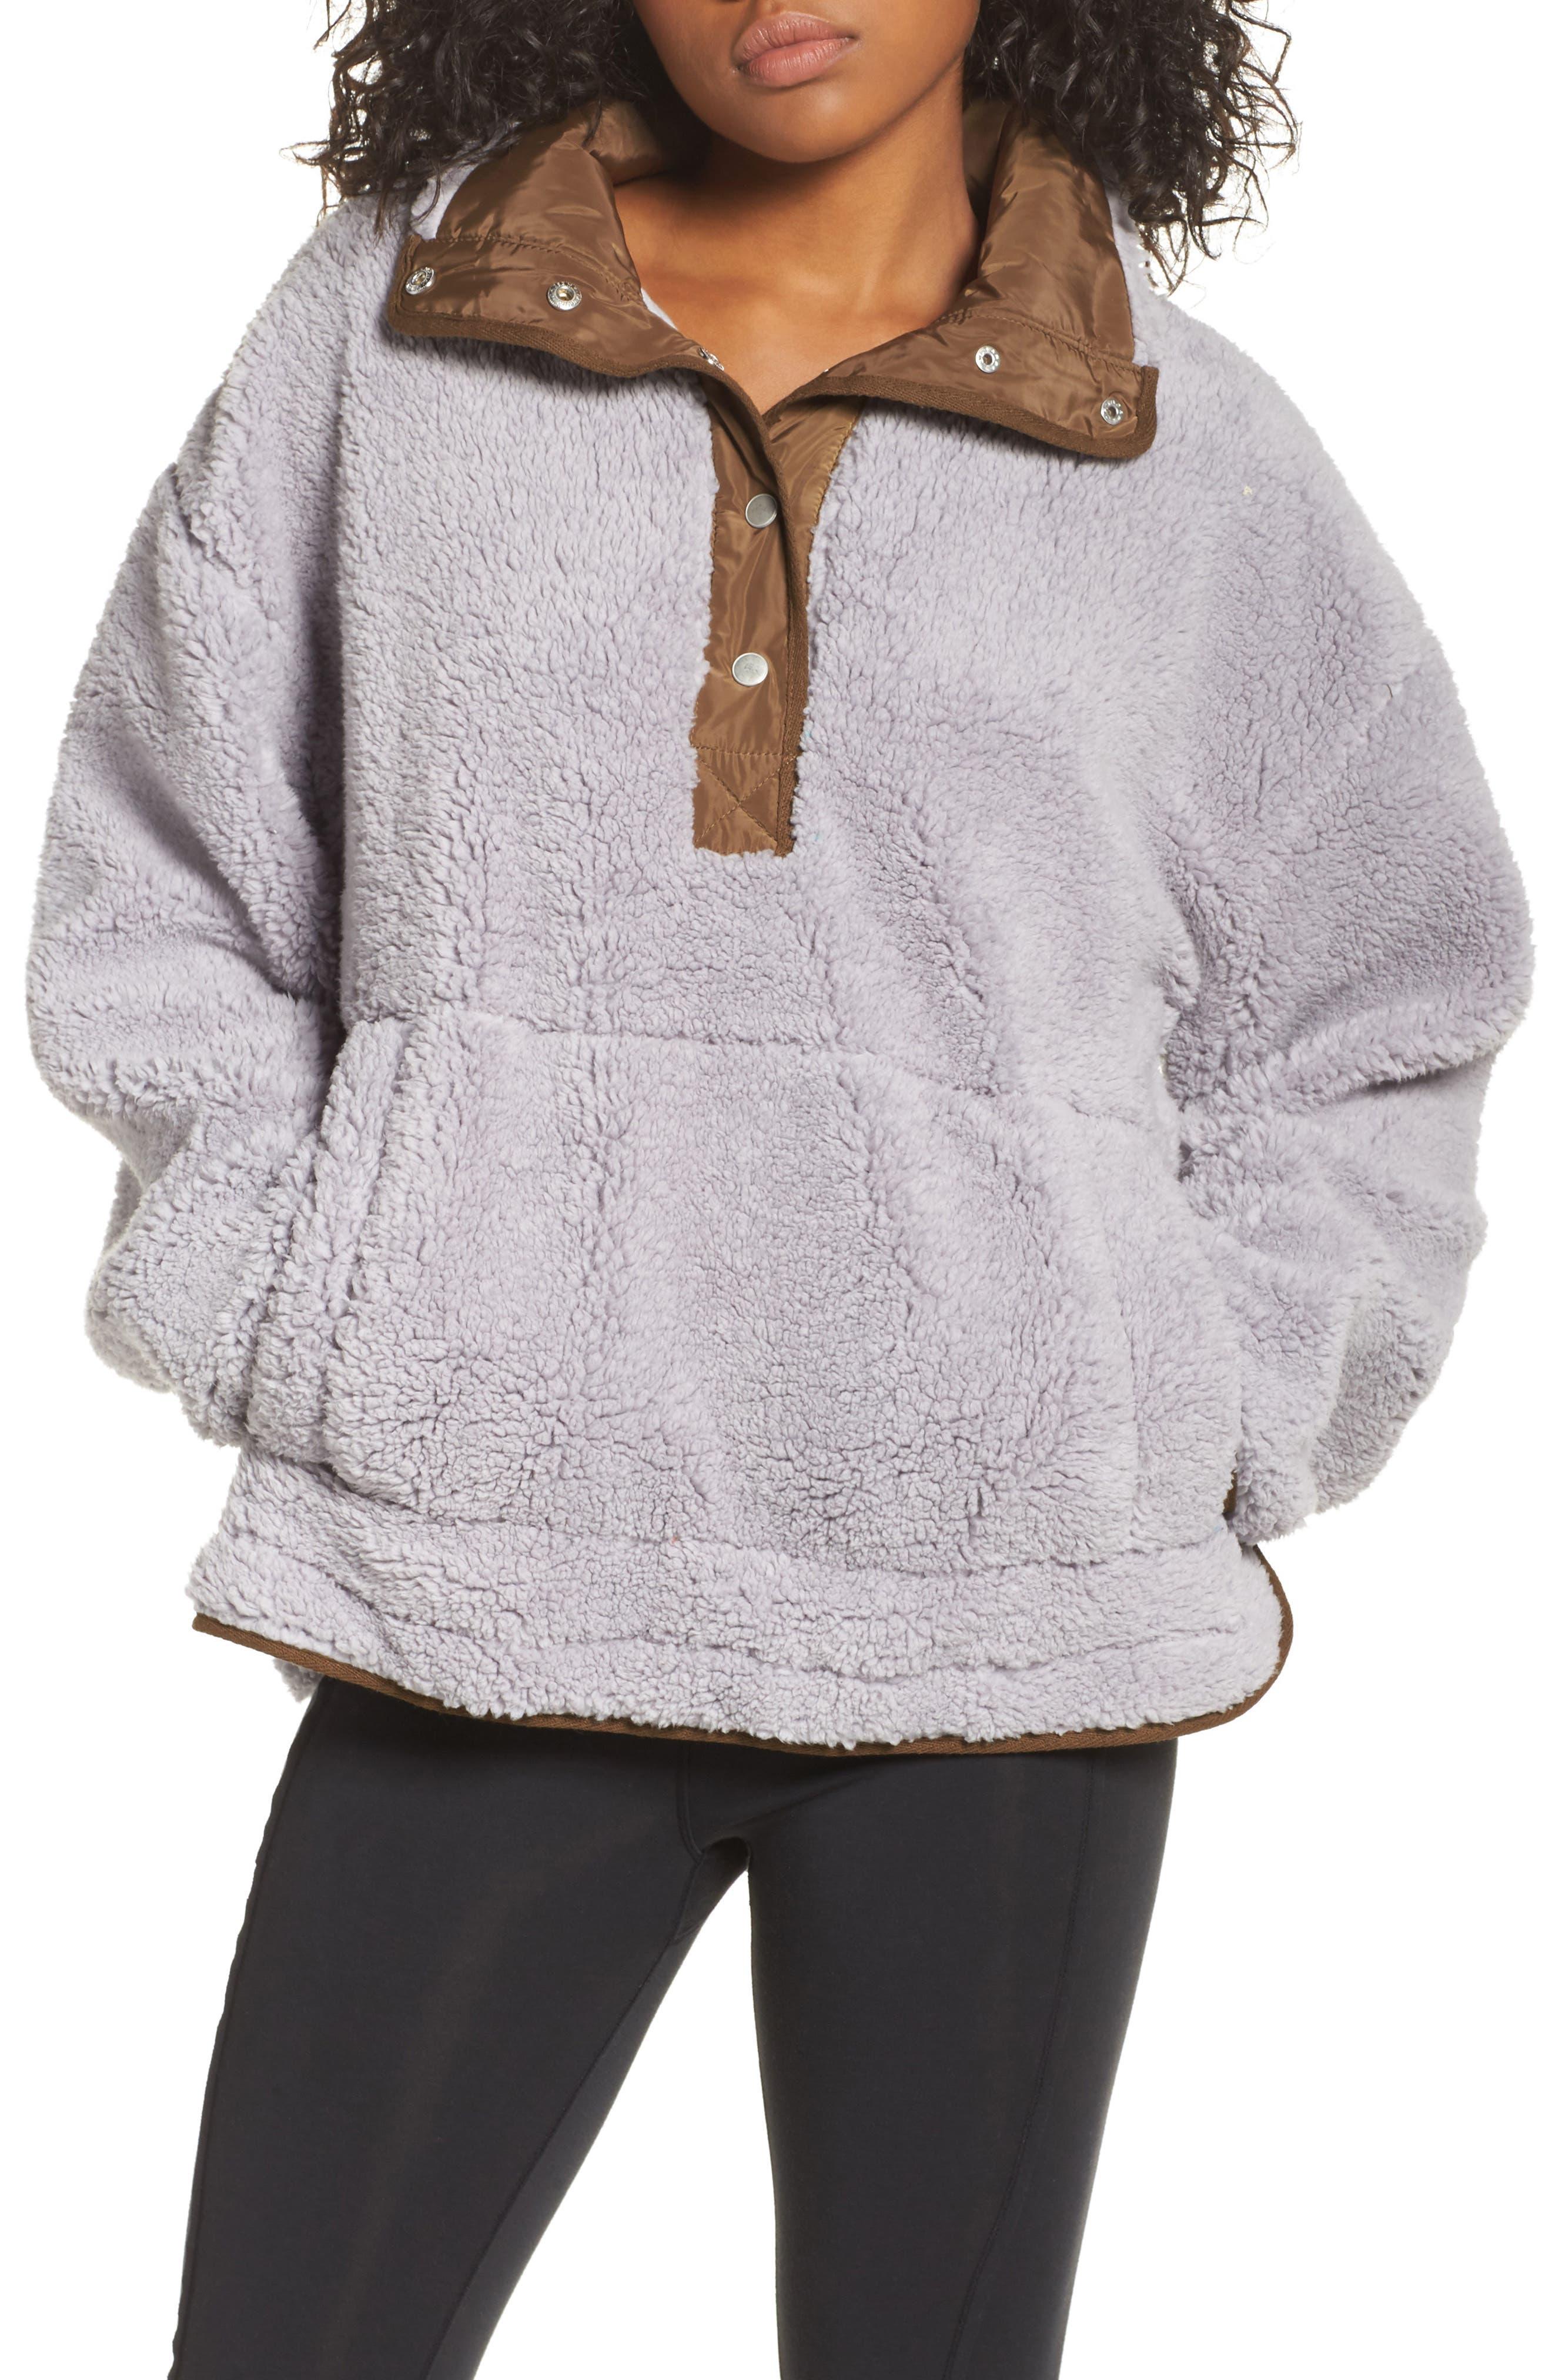 Free People Oh So Cozy Fleece Pullover,                         Main,                         color, Grey